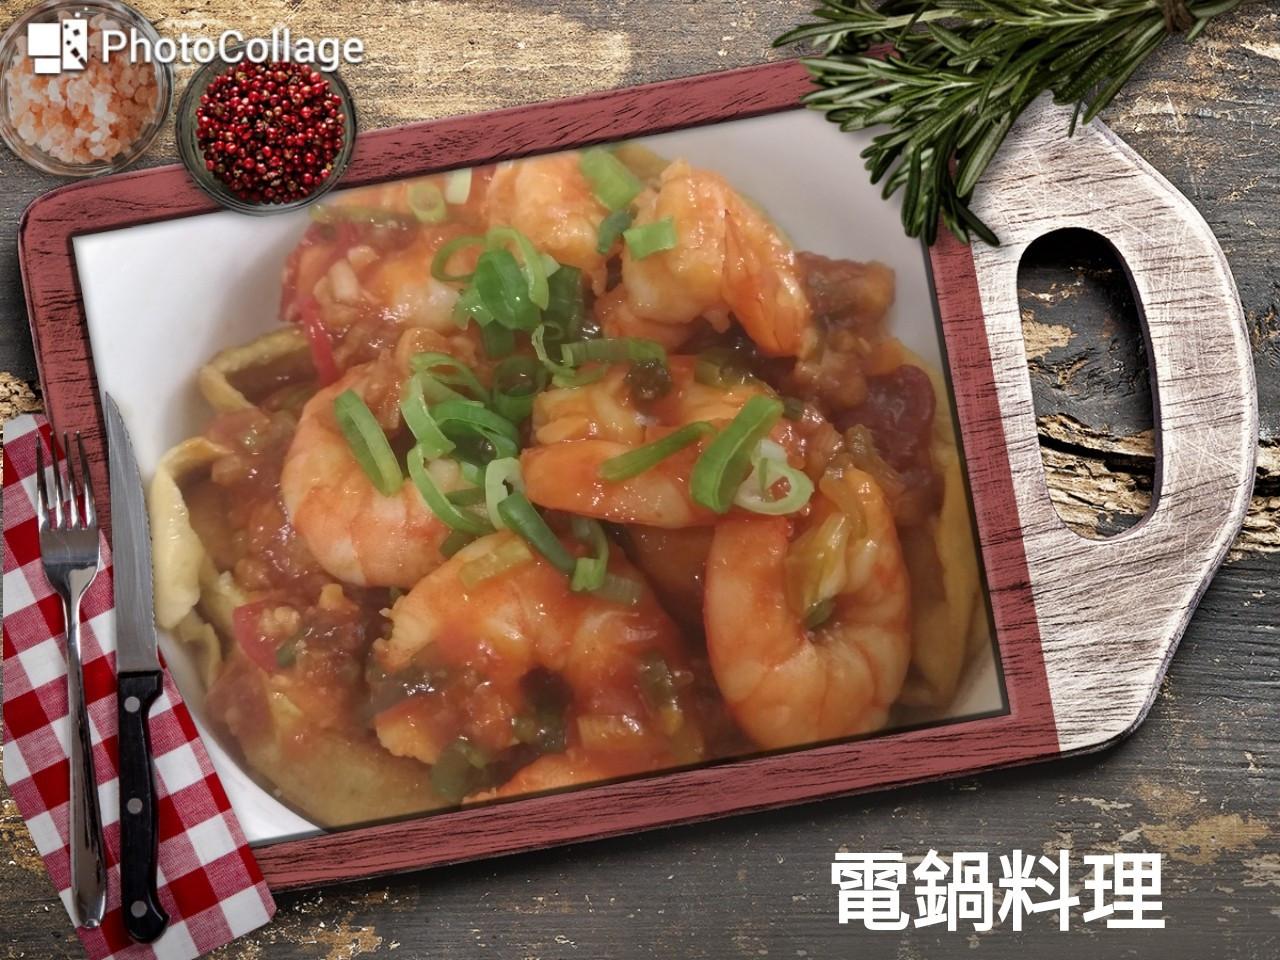 乾燒蝦仁蓋飯